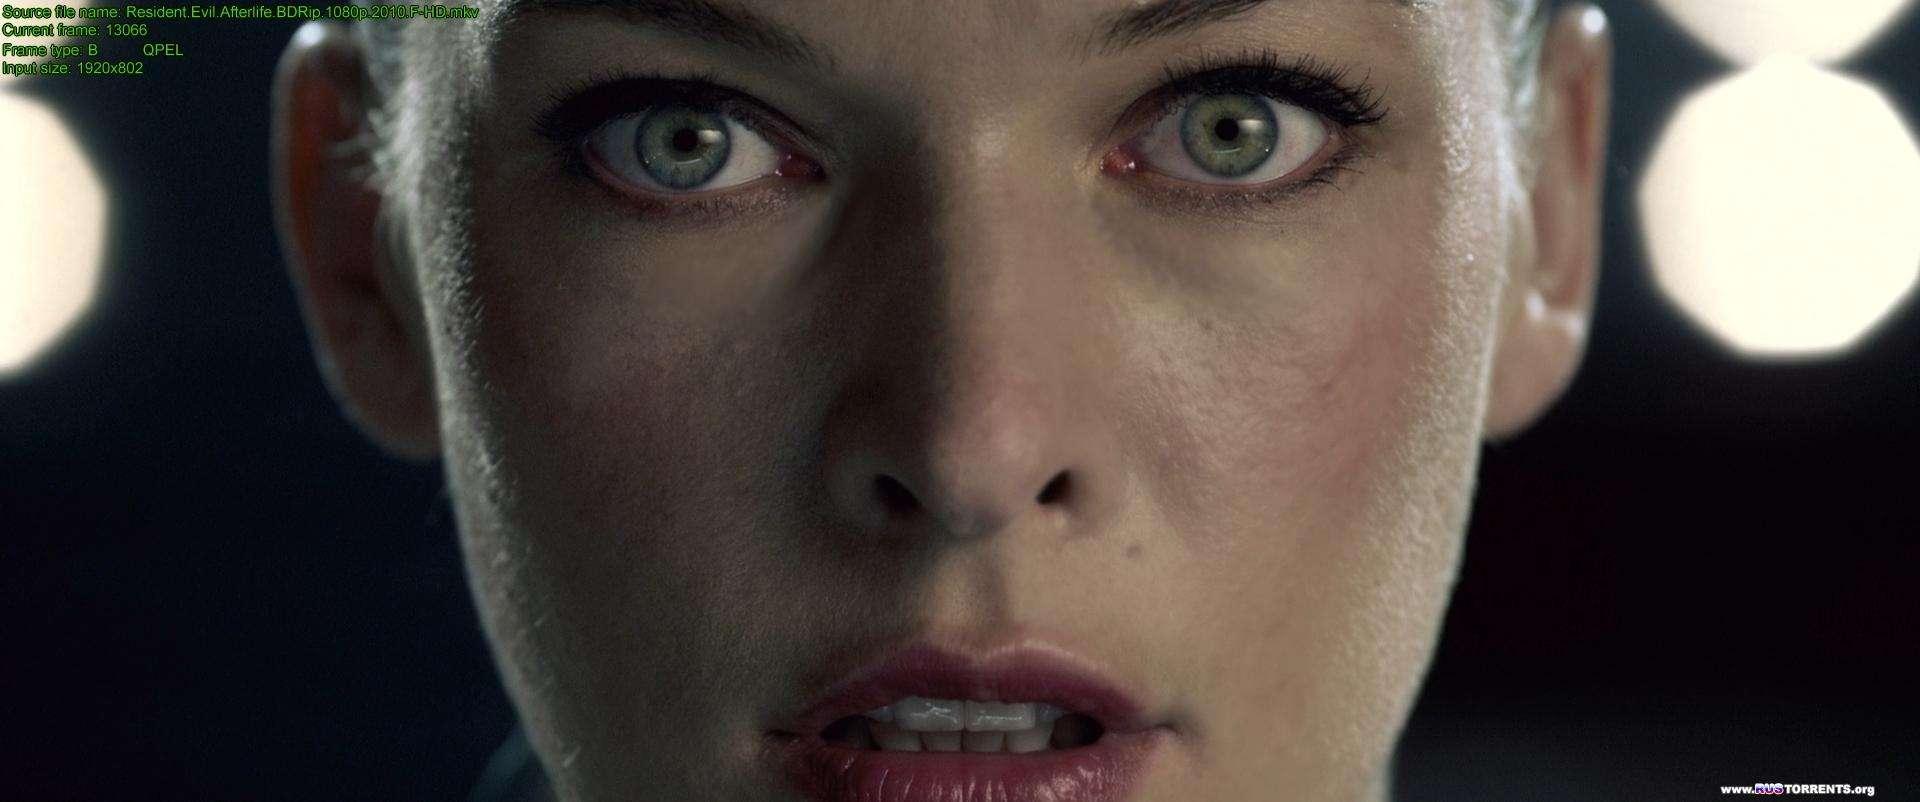 Обитель зла 4: Жизнь после смерти | BDRip 1080p